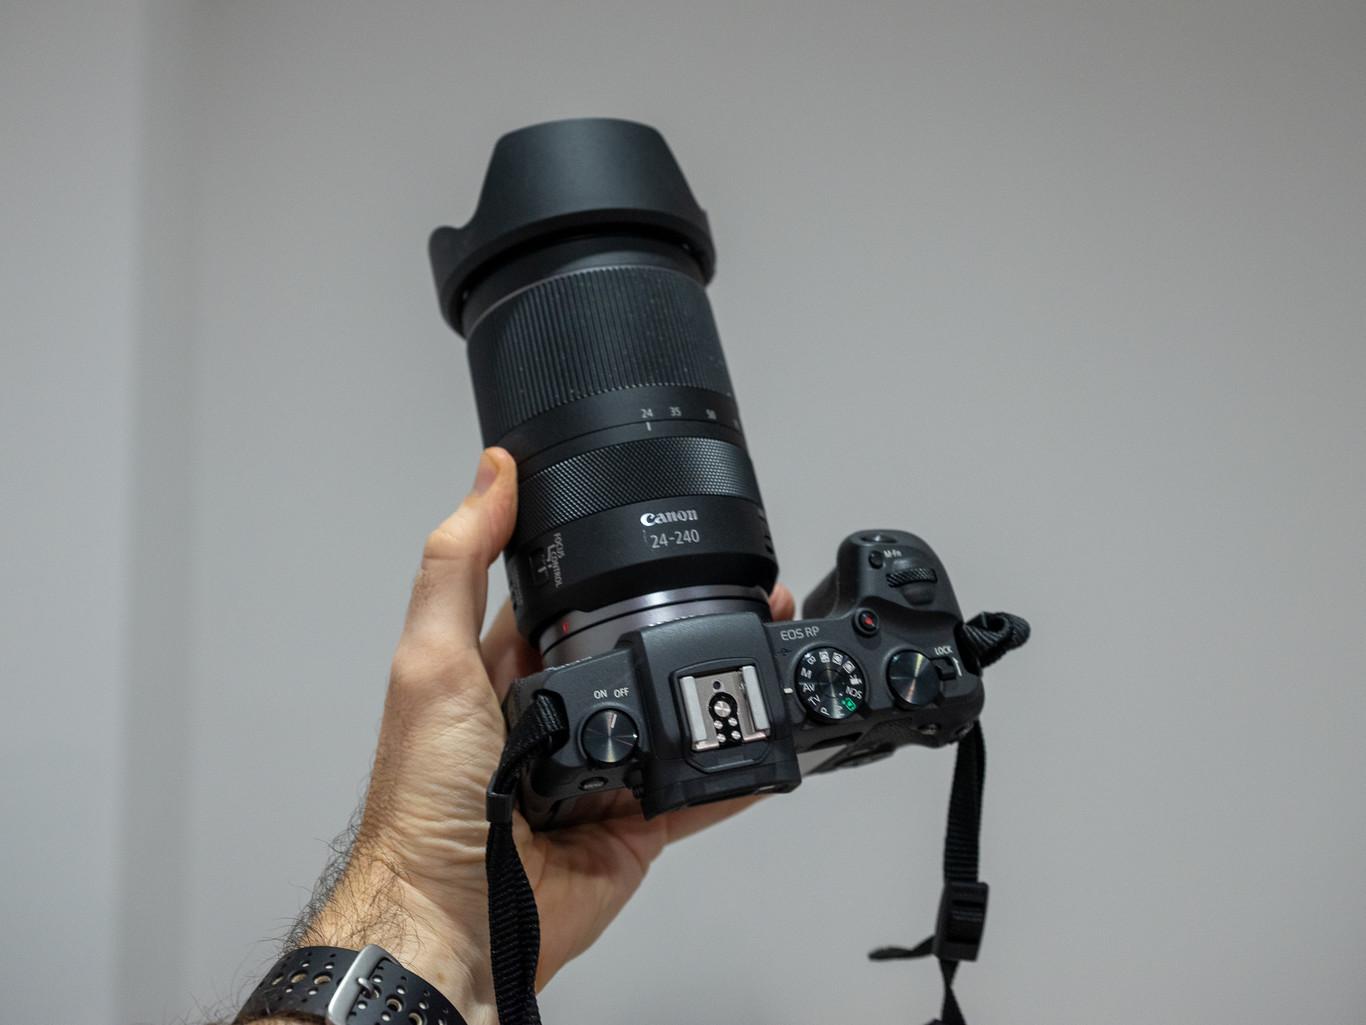 Canon RF 24-240 mm f/4-6,3 IS USM, análisis: un zoom todoterreno ligero que cumple correctamente